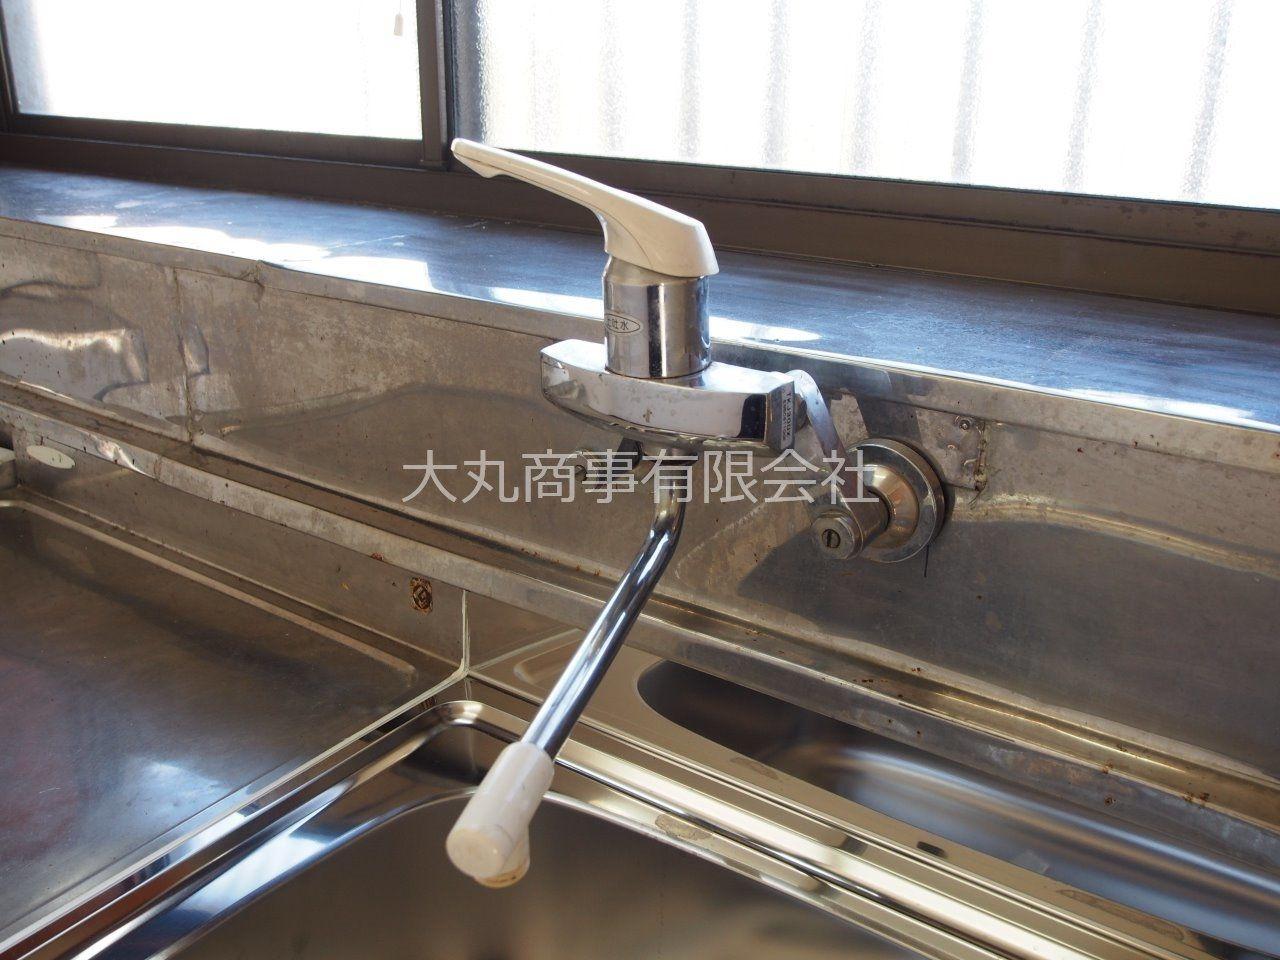 何かと便利なワンレバー式水栓を採用